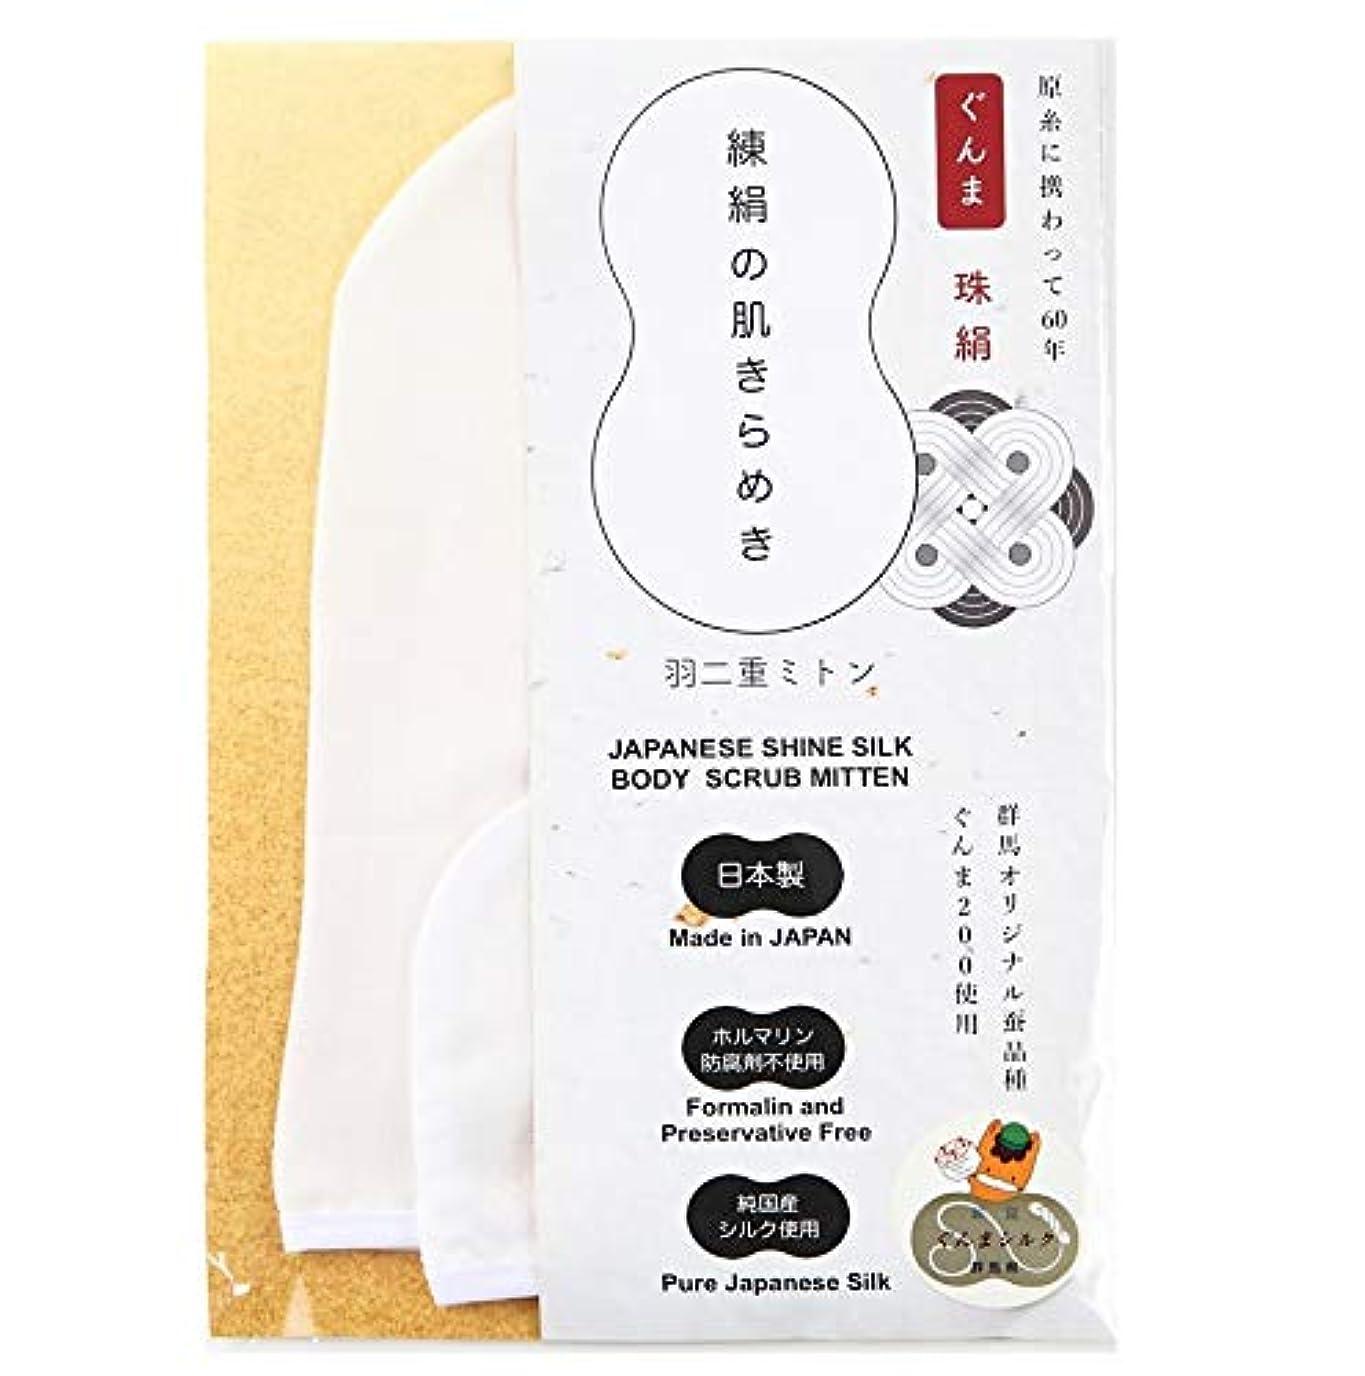 反映するドーム本を読むくーる&ほっと シルクあかすりミトン 純国産絹100%「珠絹(たまぎぬ) 練絹の肌きらめき」ぐんまシルク (群馬県内で一貫製造) 日本製 シルクプロテイン?フィブロインの力で角質ケアボディスクラブミトン 大小セット 羽二重ミトン